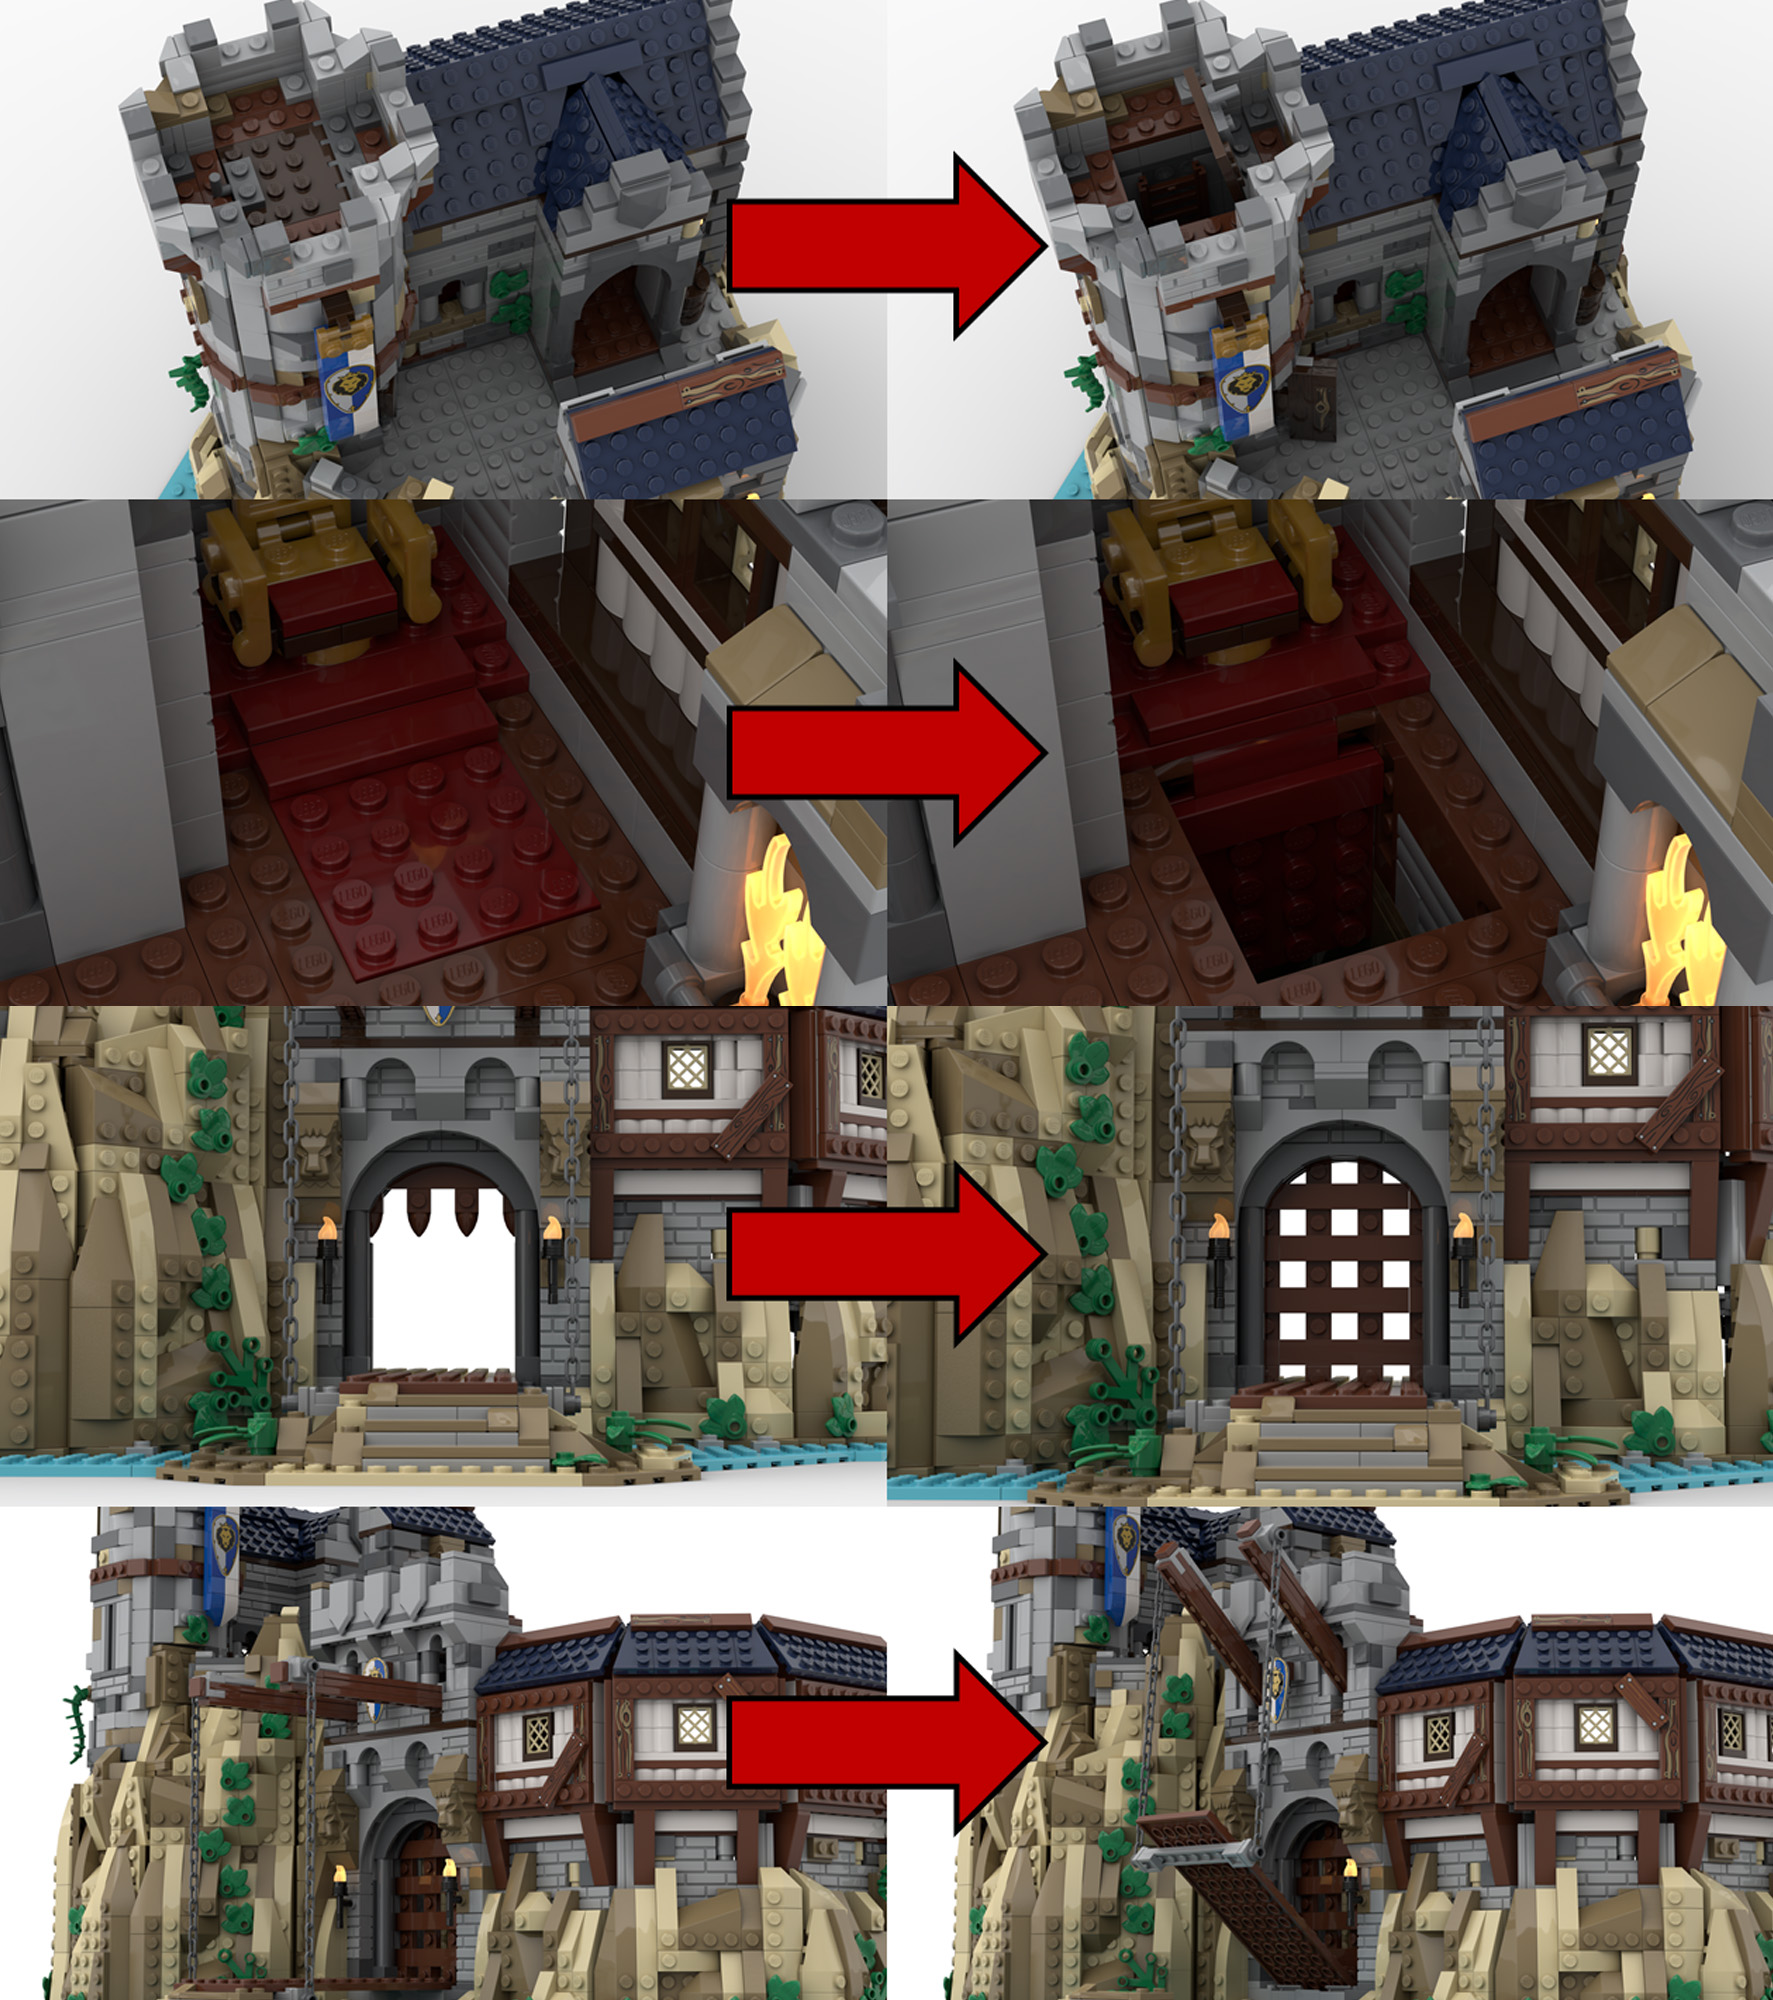 レゴアイデアで『王の城』が製品化レビュー進出!2021年第1回1万サポート獲得デザイン紹介